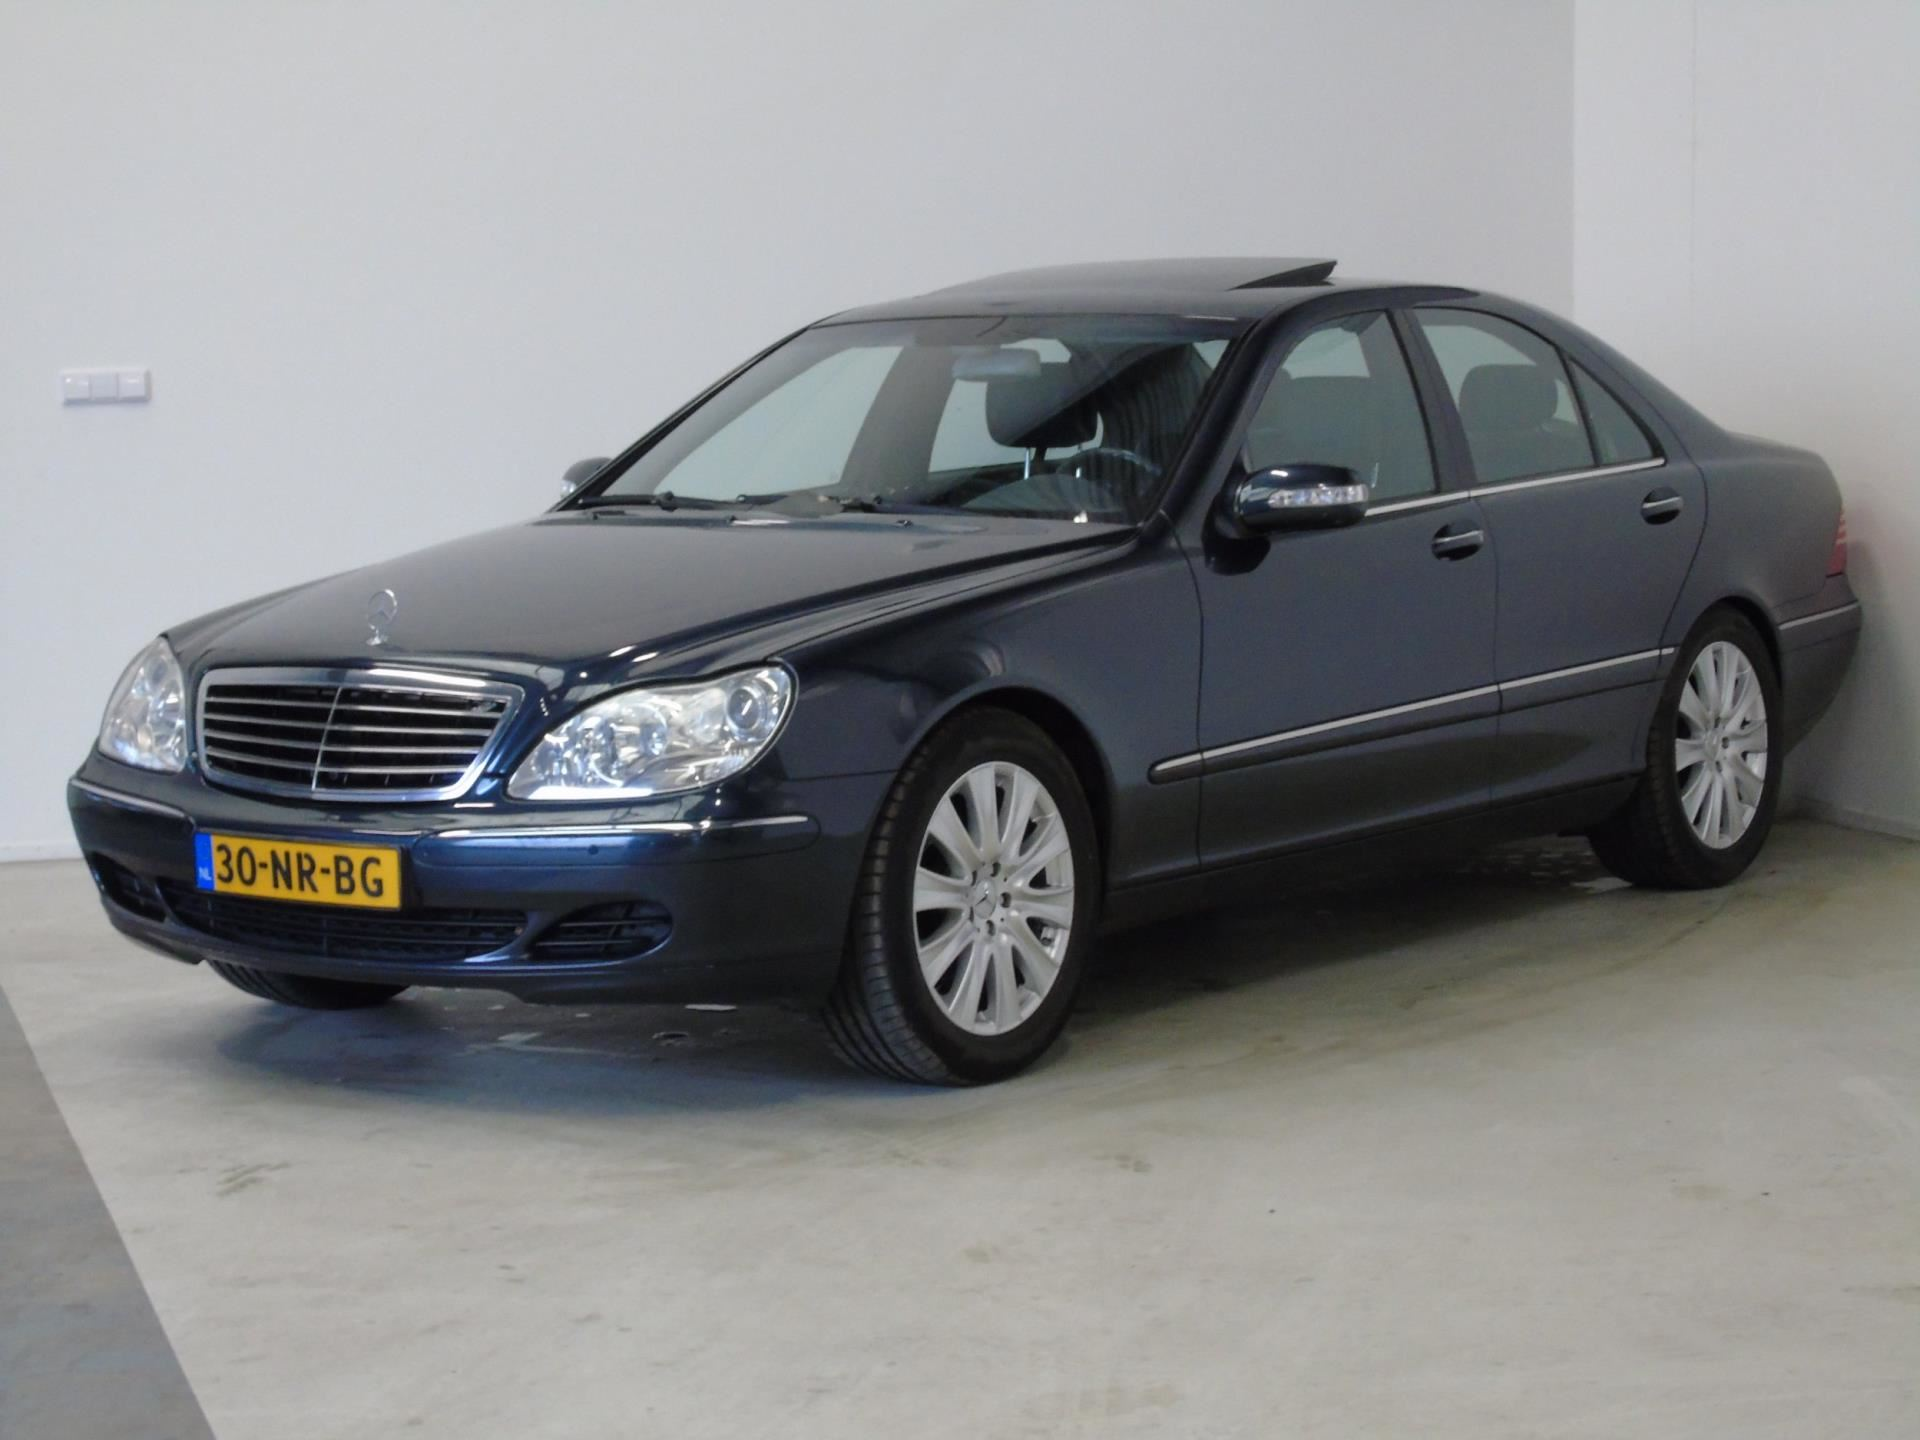 Mercedes-Benz S-klasse occasion - van Dijk auto's